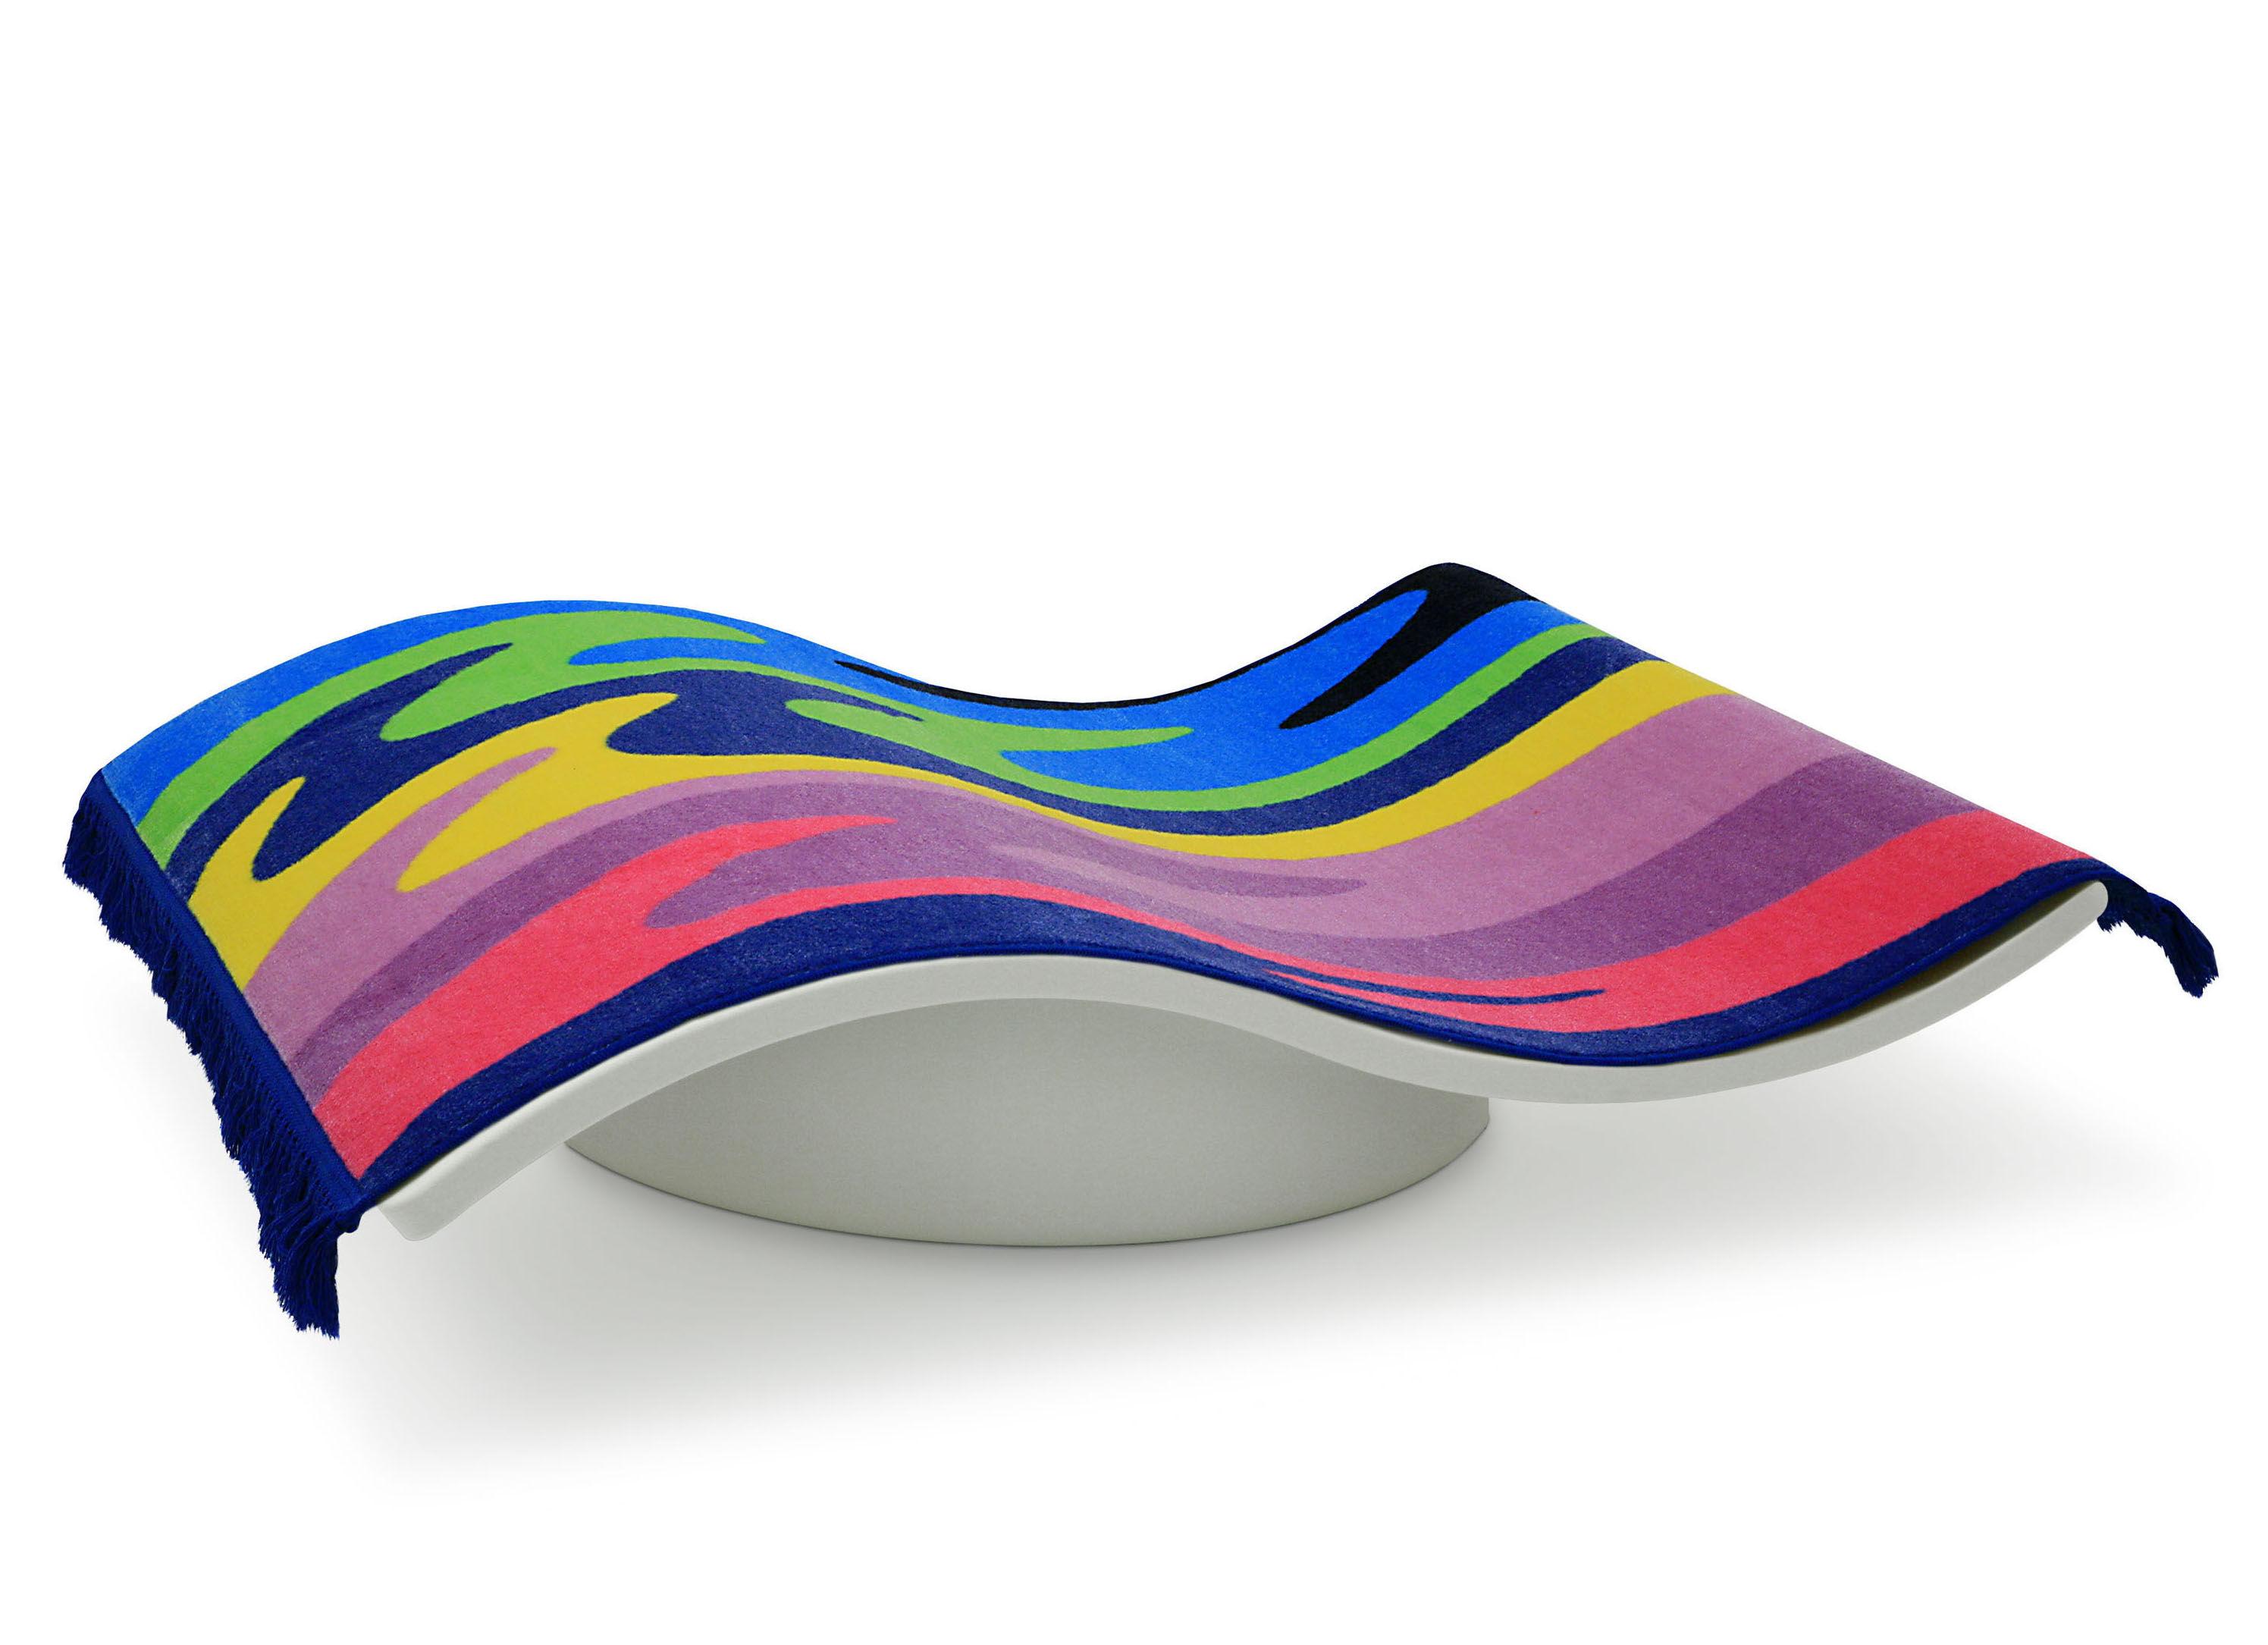 Möbel - Möbel für Kinder - Flying Carpet Teppich / Wippbrett für Kinder - Magis Collection Me Too - Weiß & mehrfarbig - Polyäthylen